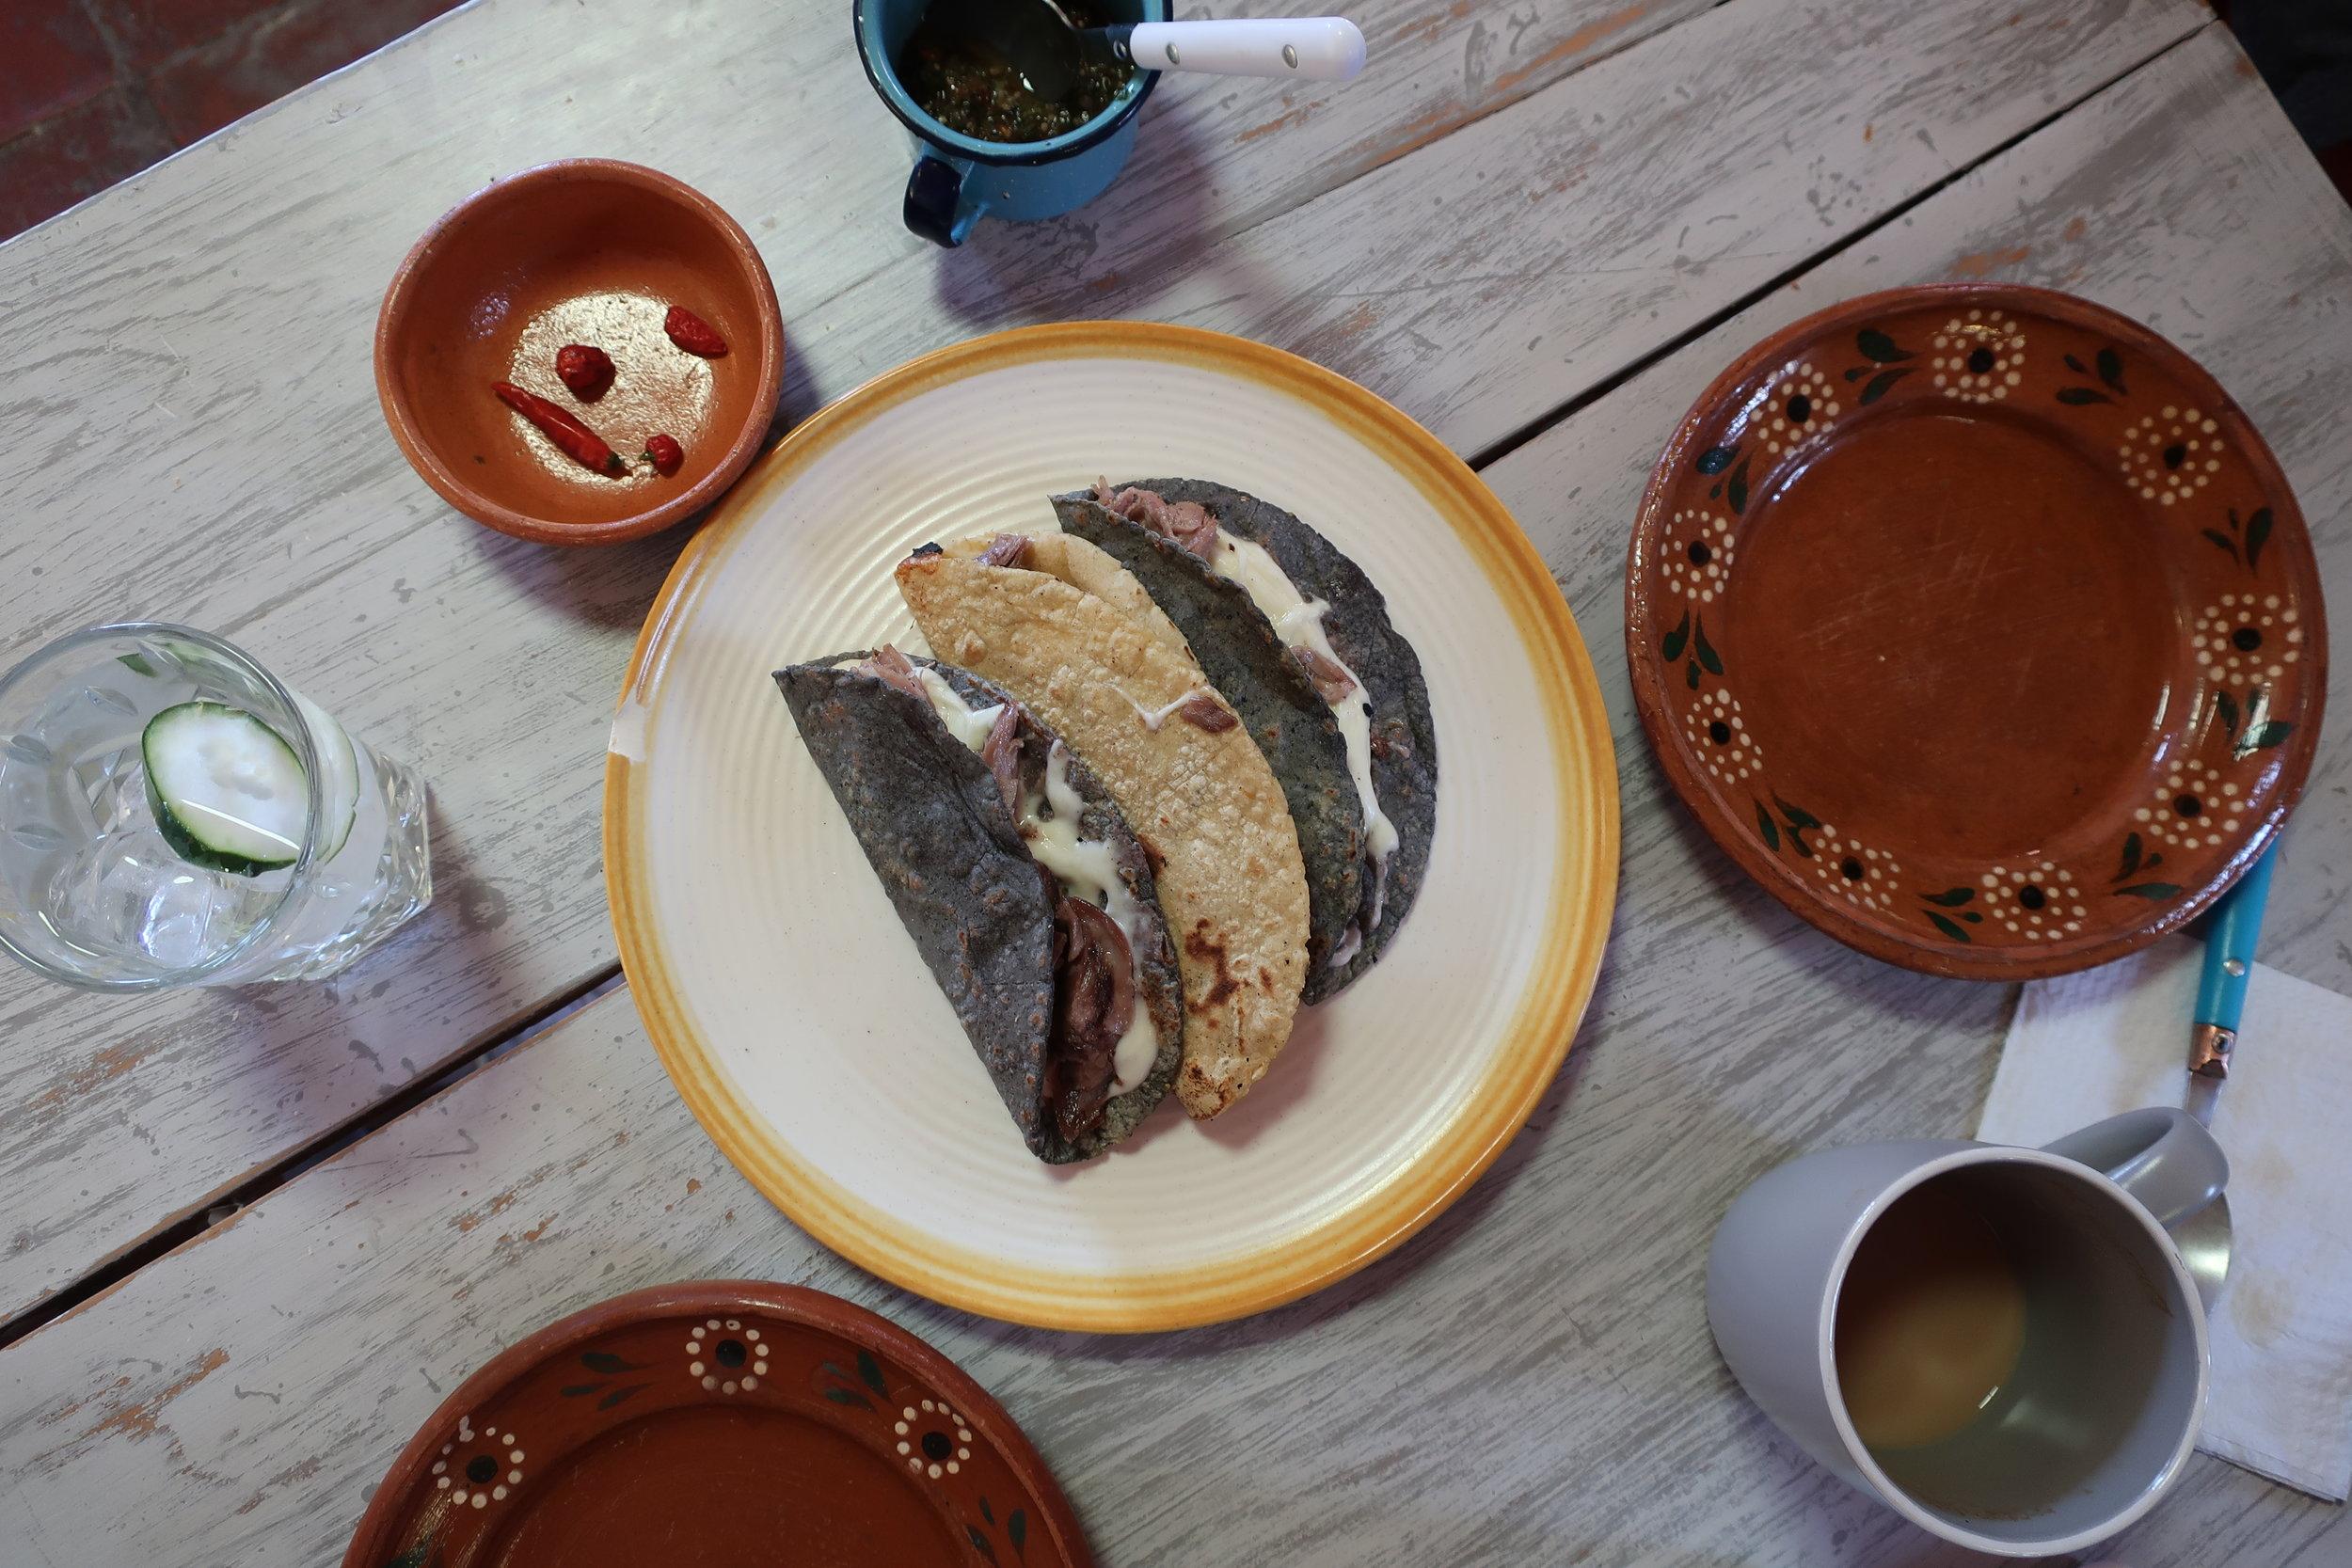 chamorro quesadillas at nicasio comedor mexicano in san miguel de allende, mexico